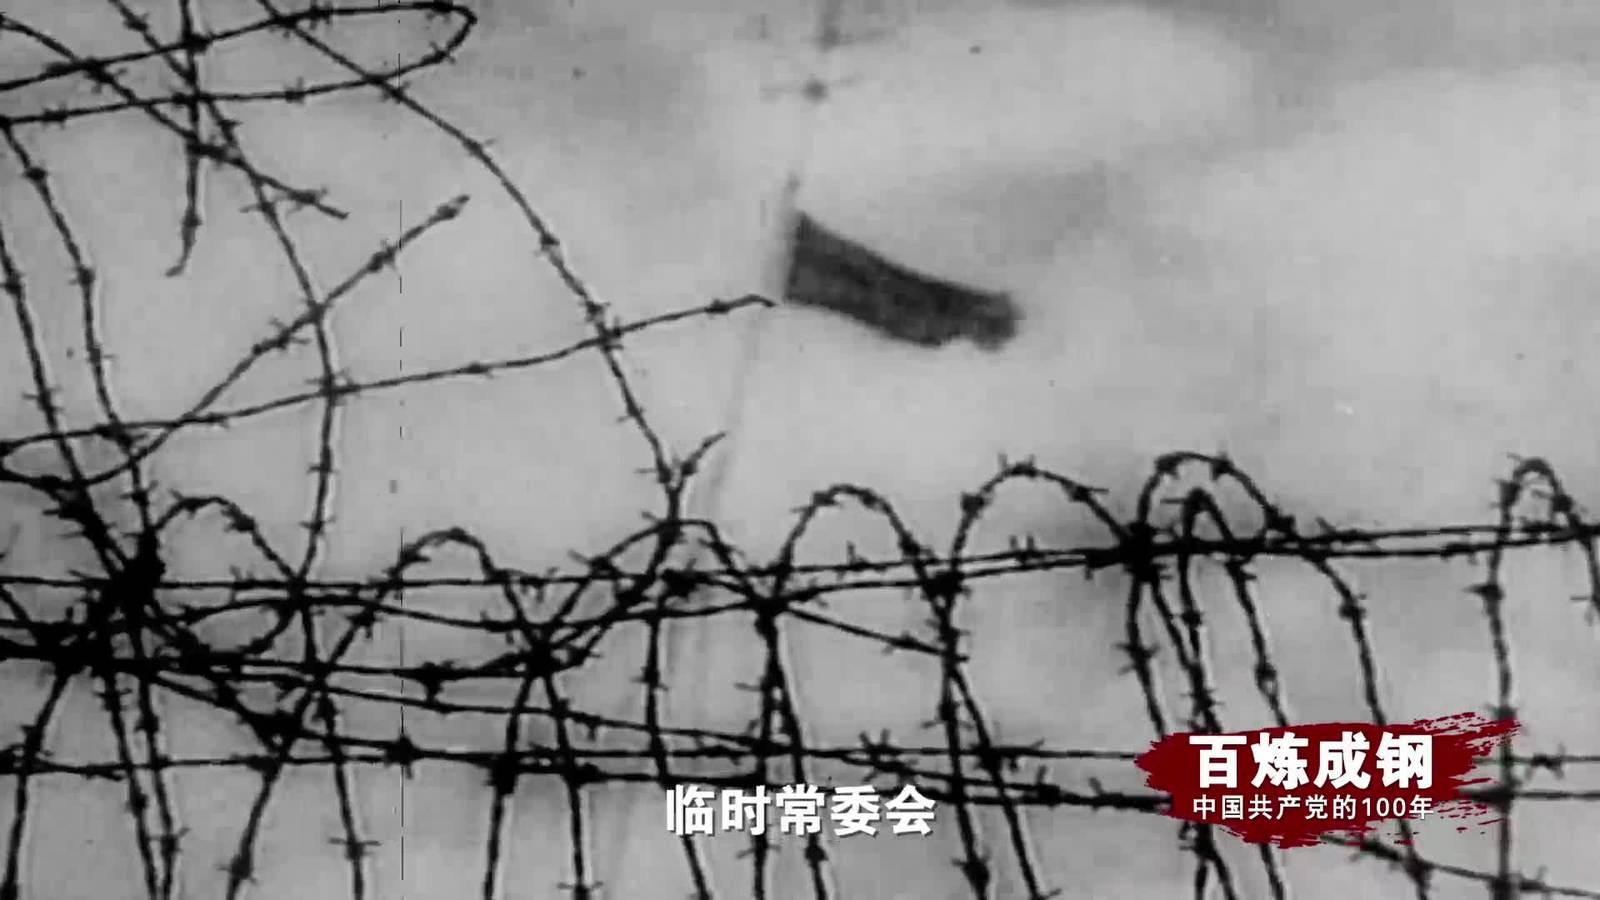 百煉成鋼|中國共產黨的100年 第十集:南昌城頭的槍聲